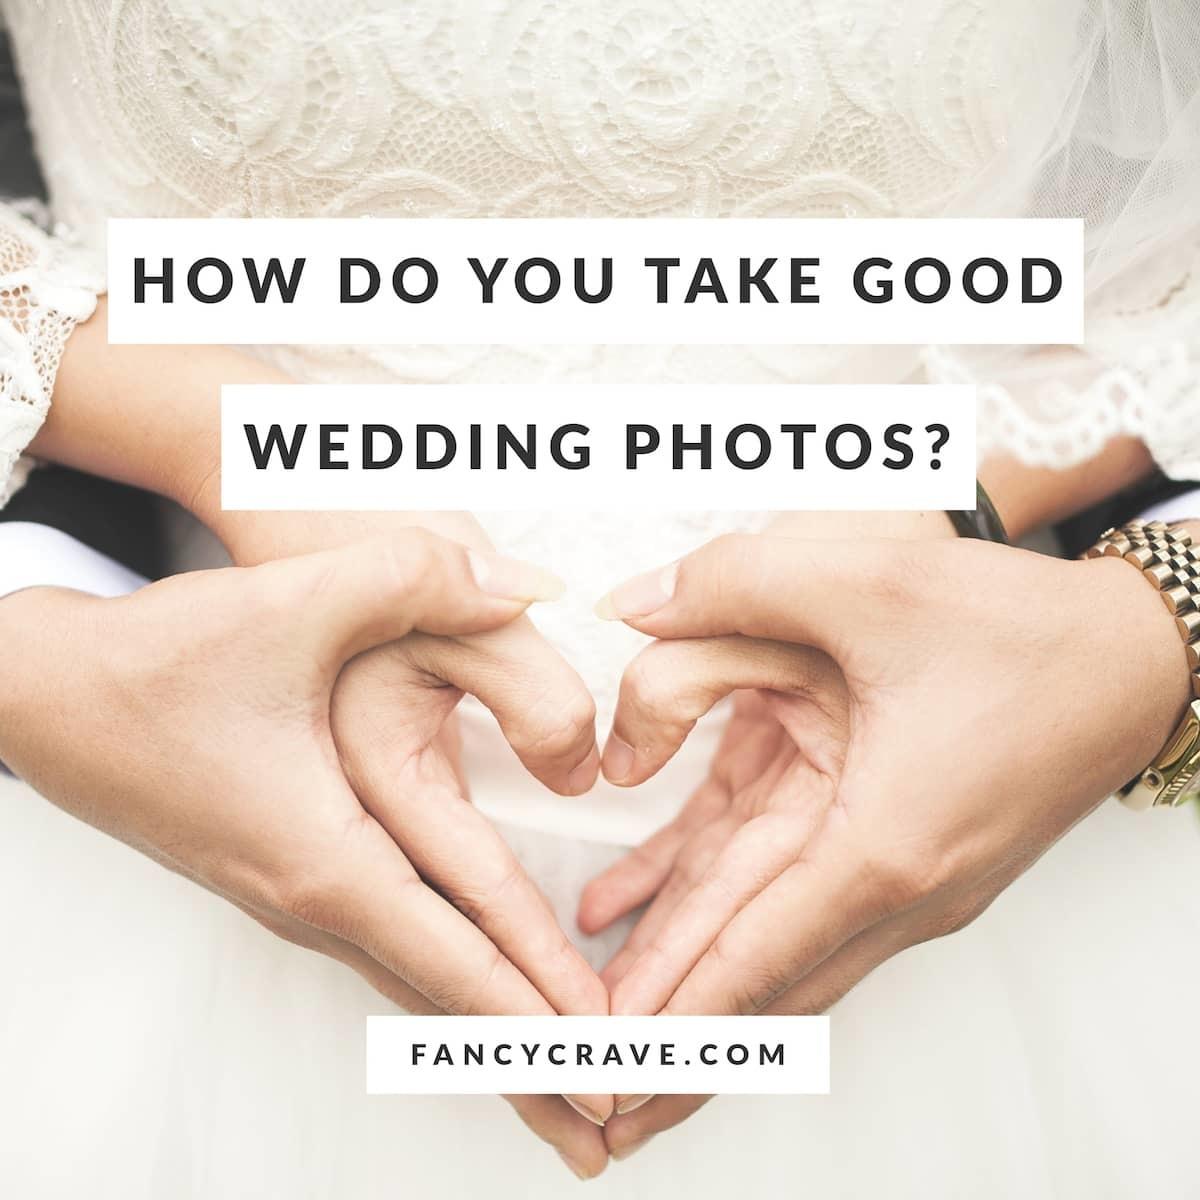 How Do You Take Good Wedding Photos